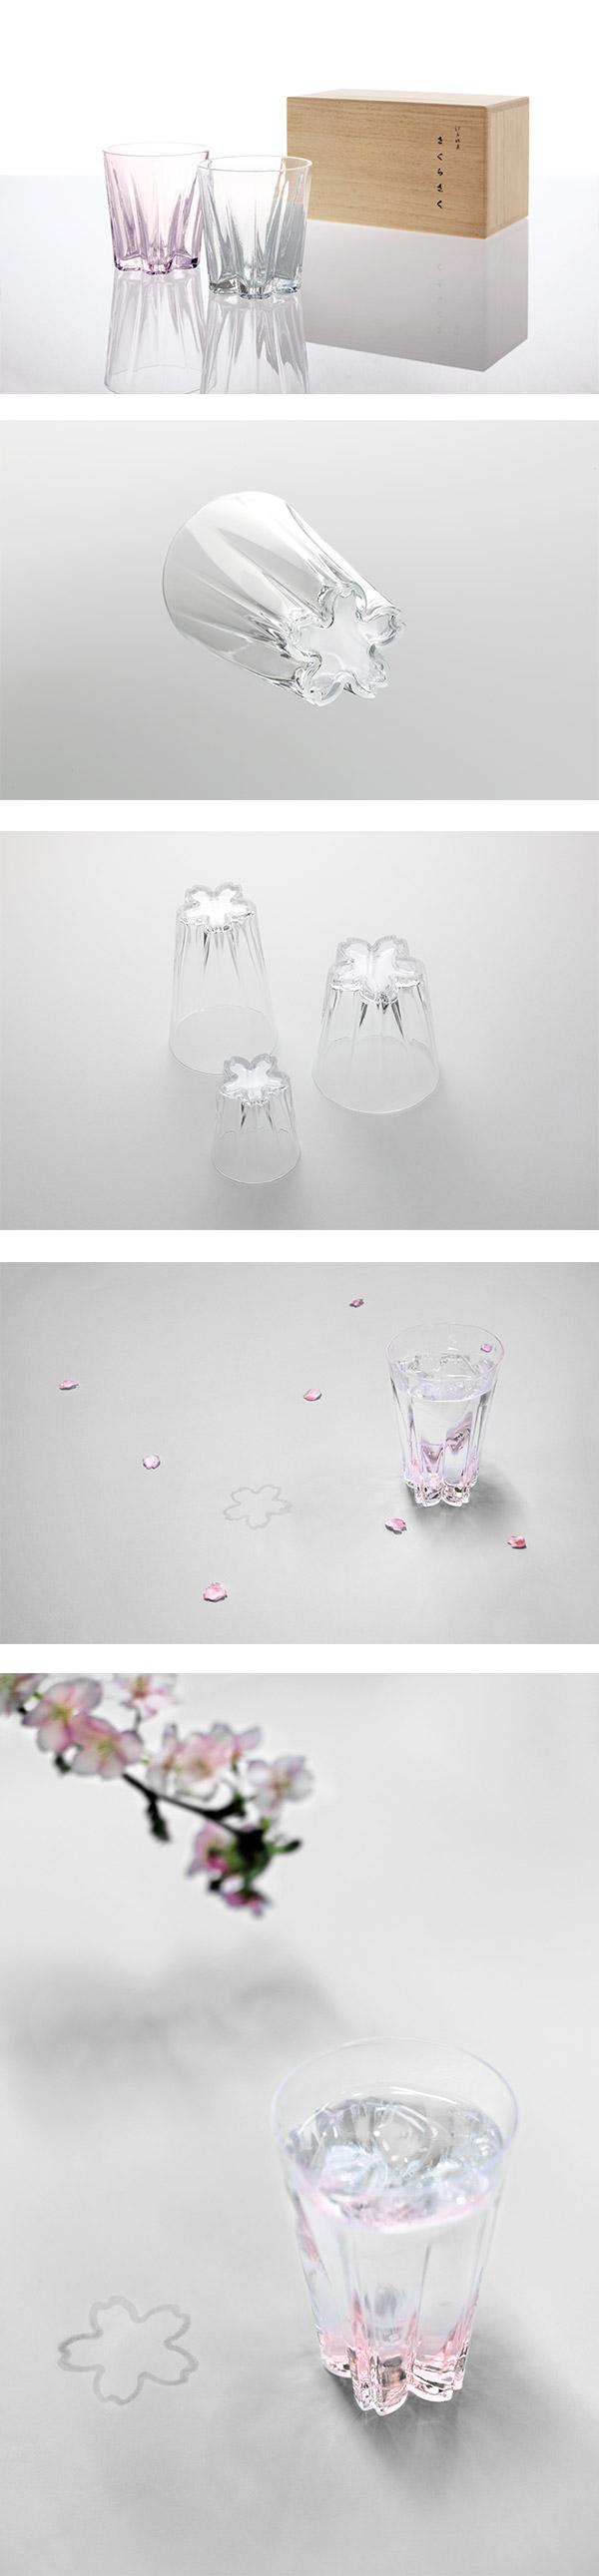 日本 Perrocaliente SAKURASAKU 櫻花杯 雙入同款同色 威士忌杯 櫻花粉